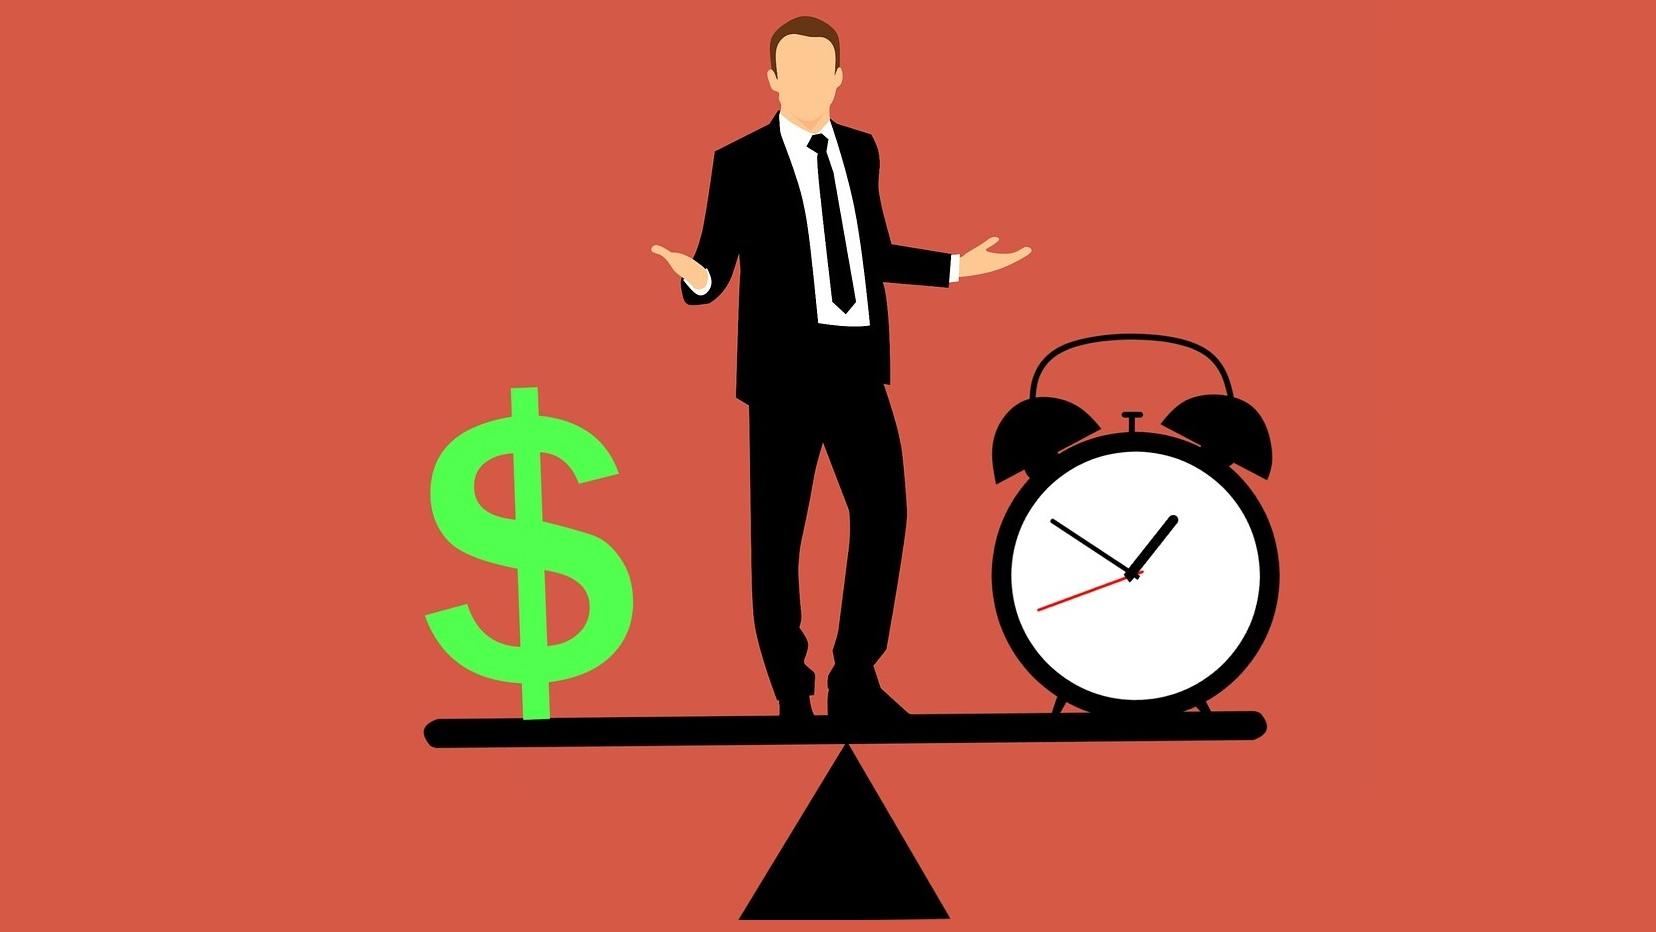 『お小遣い獲得!』サラリーマンが副業で稼ぐ具体的な方法